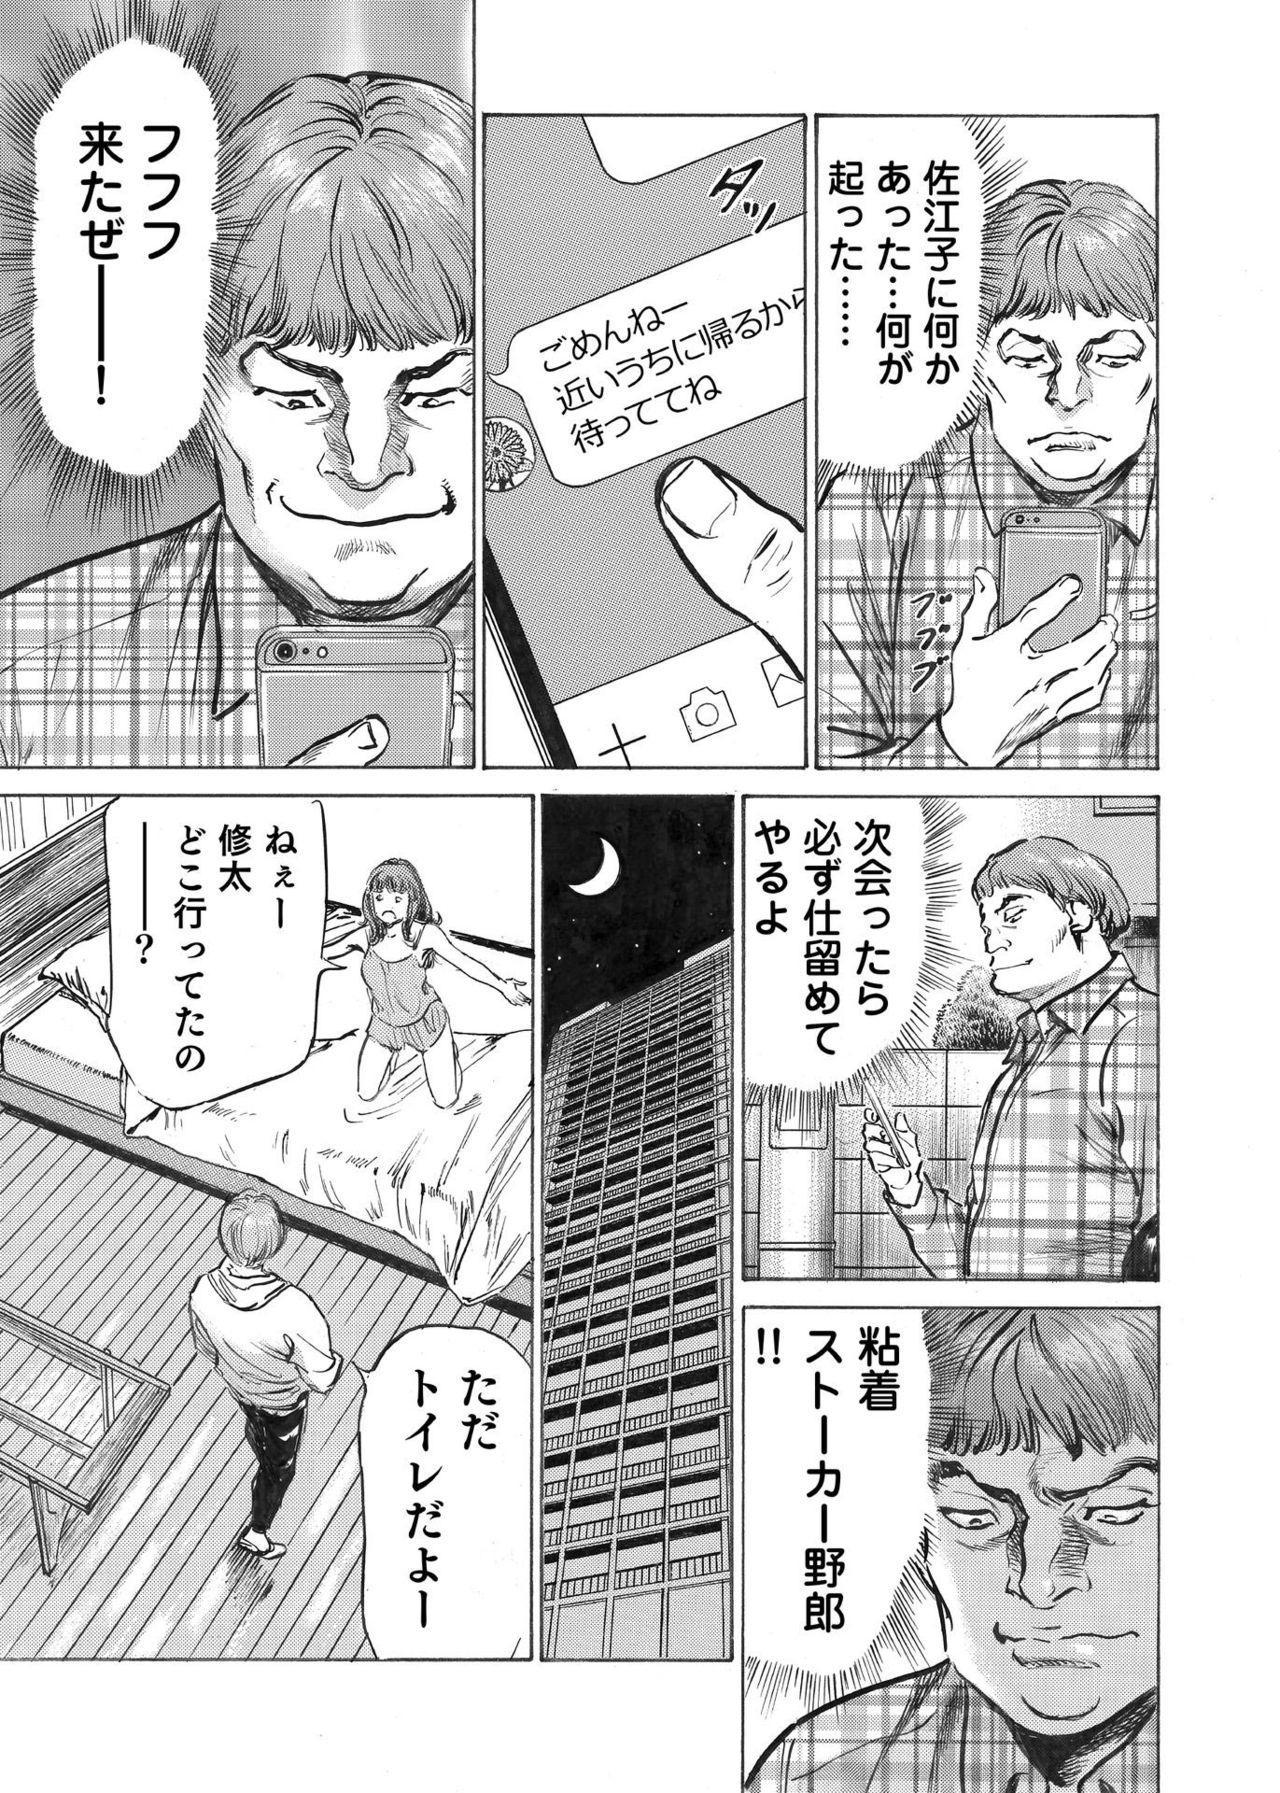 Ore wa Tsuma no Koto o Yoku Shiranai 1-9 141